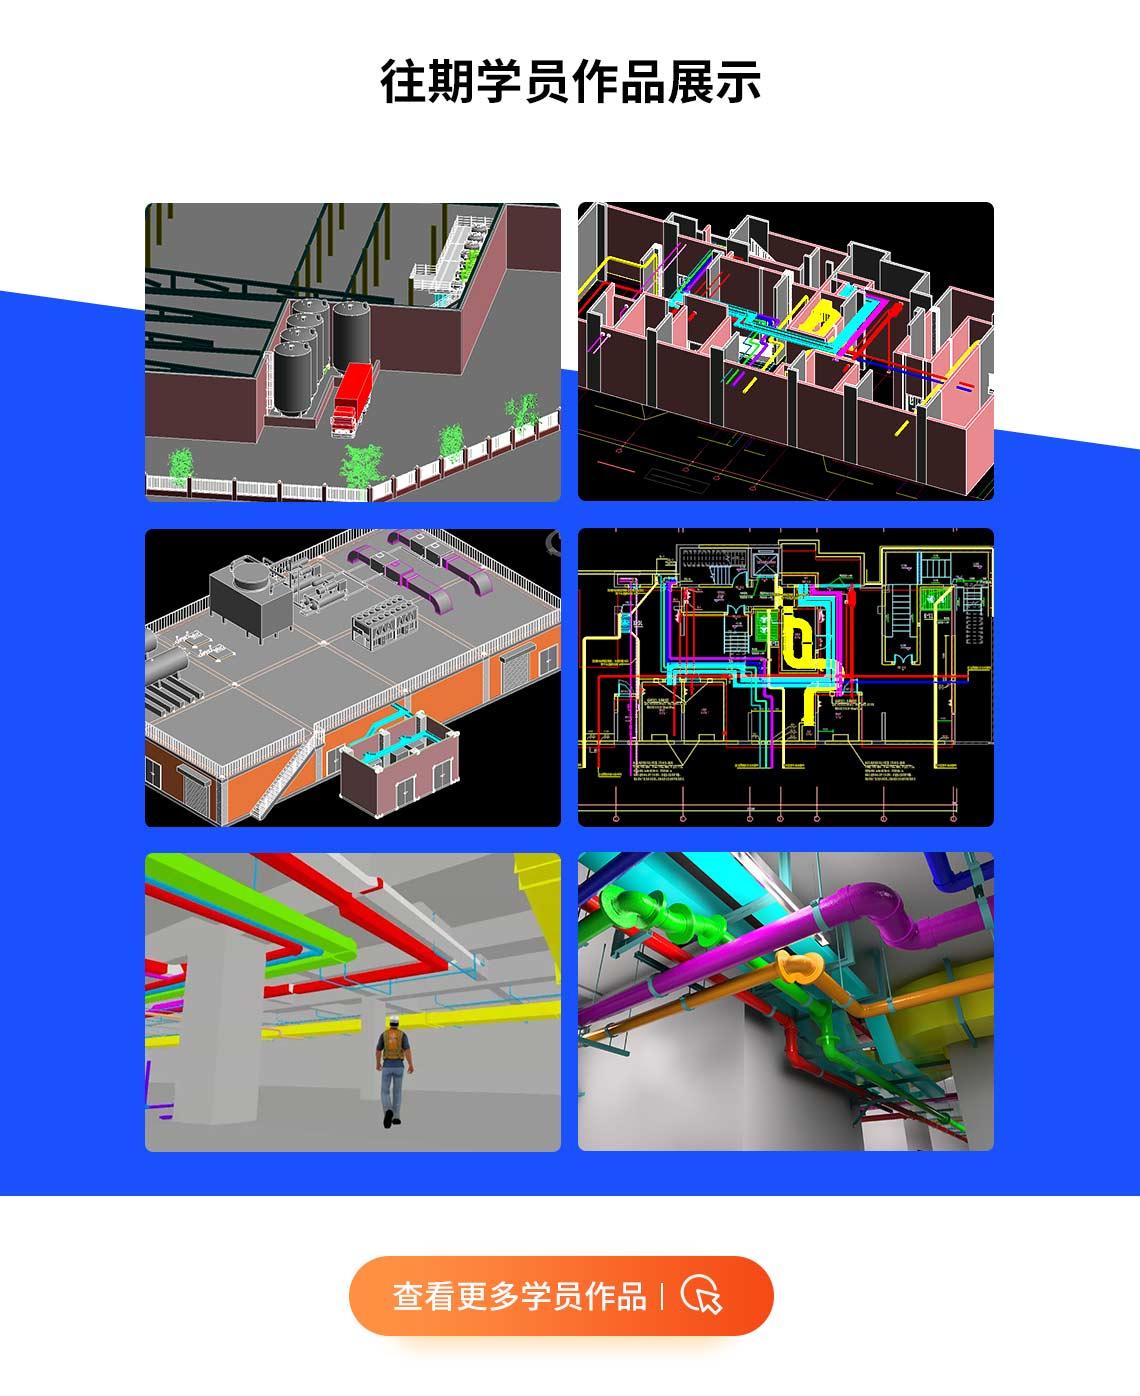 机电BIM工程师训练营,注重技能实操,利用不同软件输出三维、动画效果